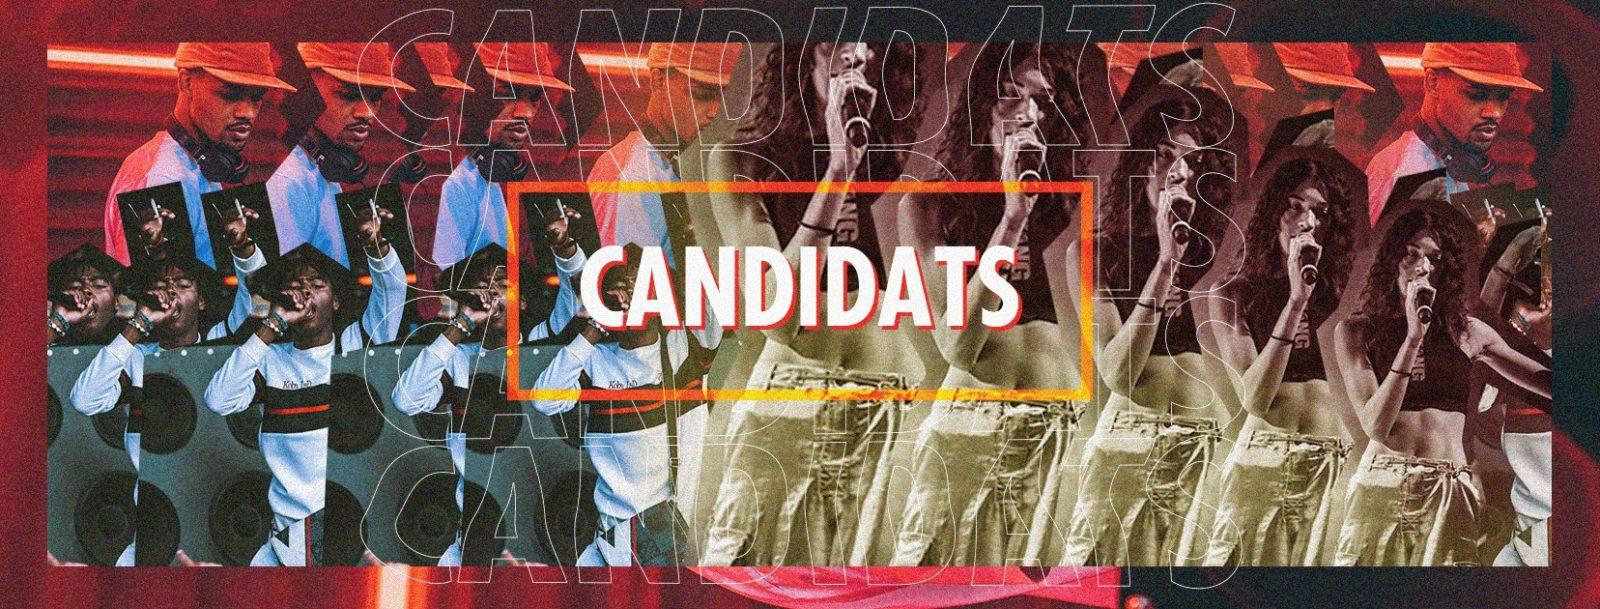 CANDIDATS 1 - Vote pour tes artistes préférés - Tremplin Radar